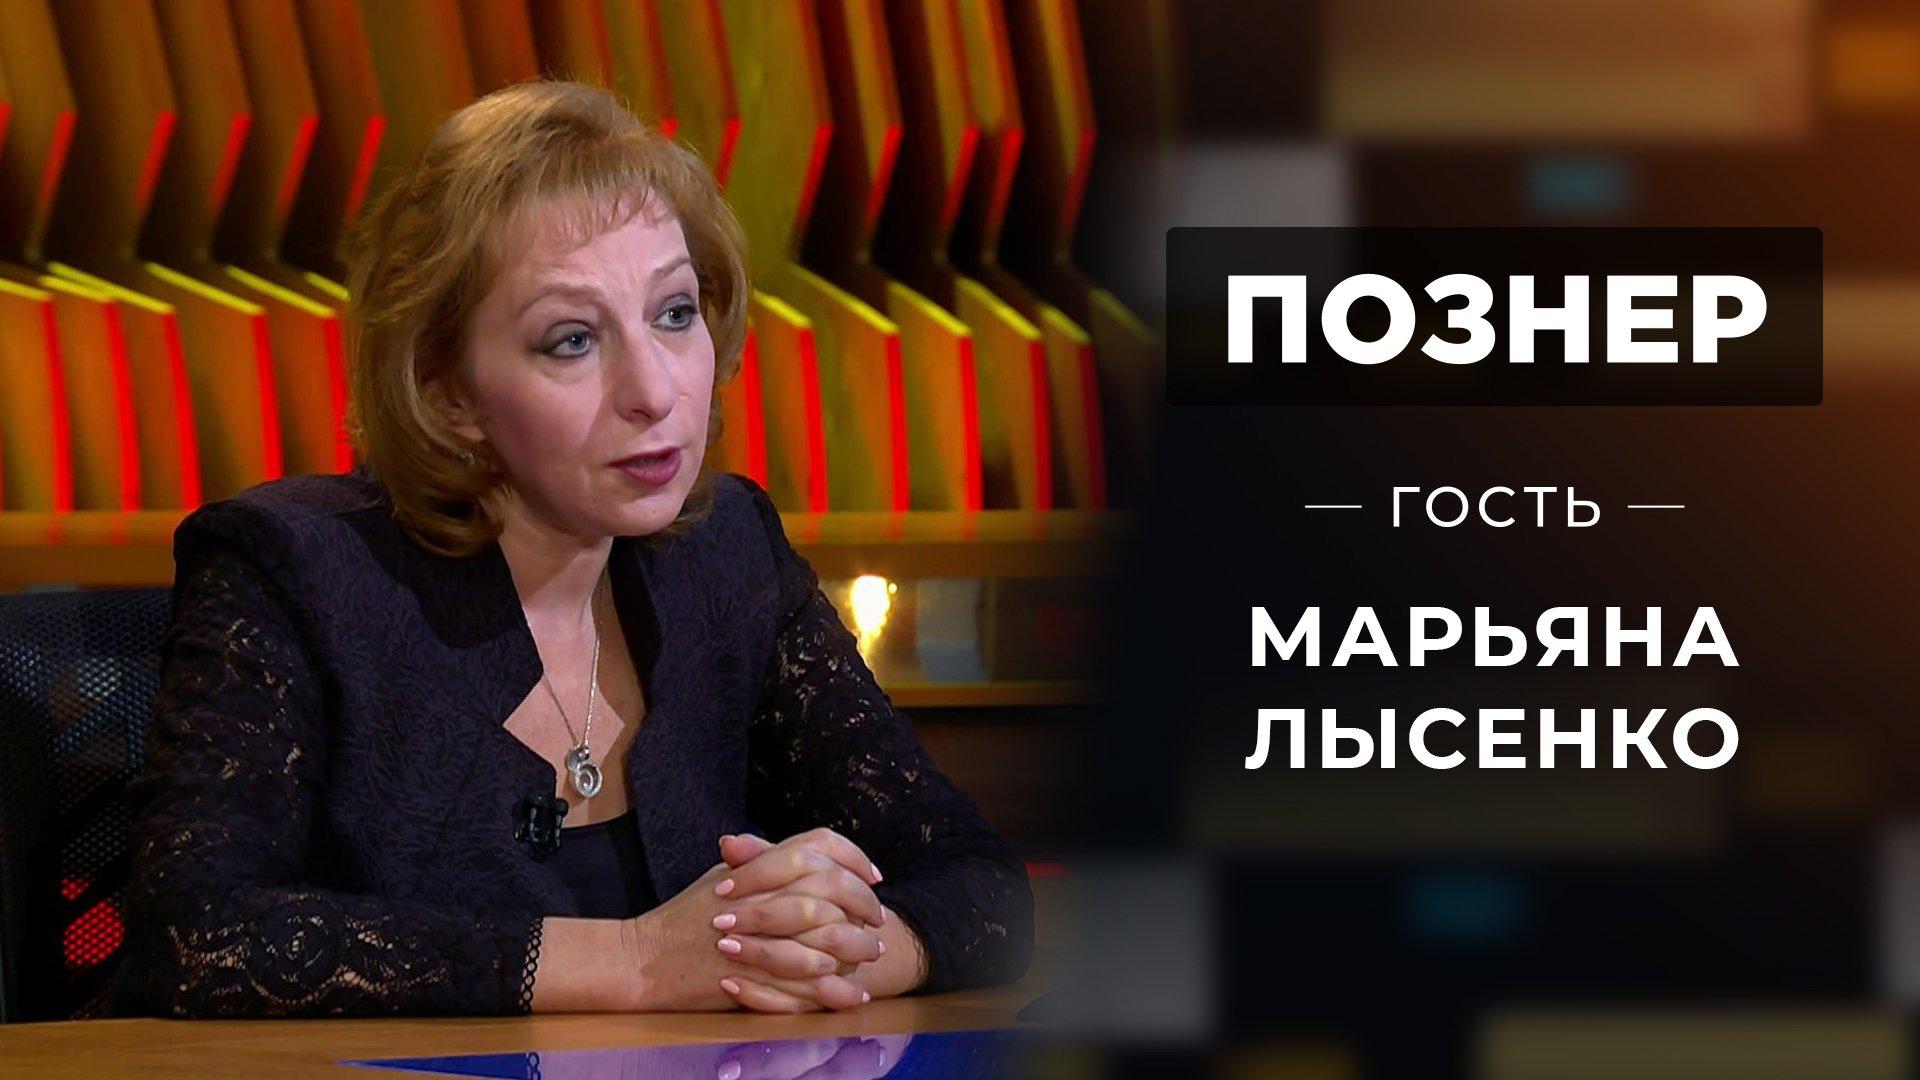 «Познер». Гость Марьяна Лысенко